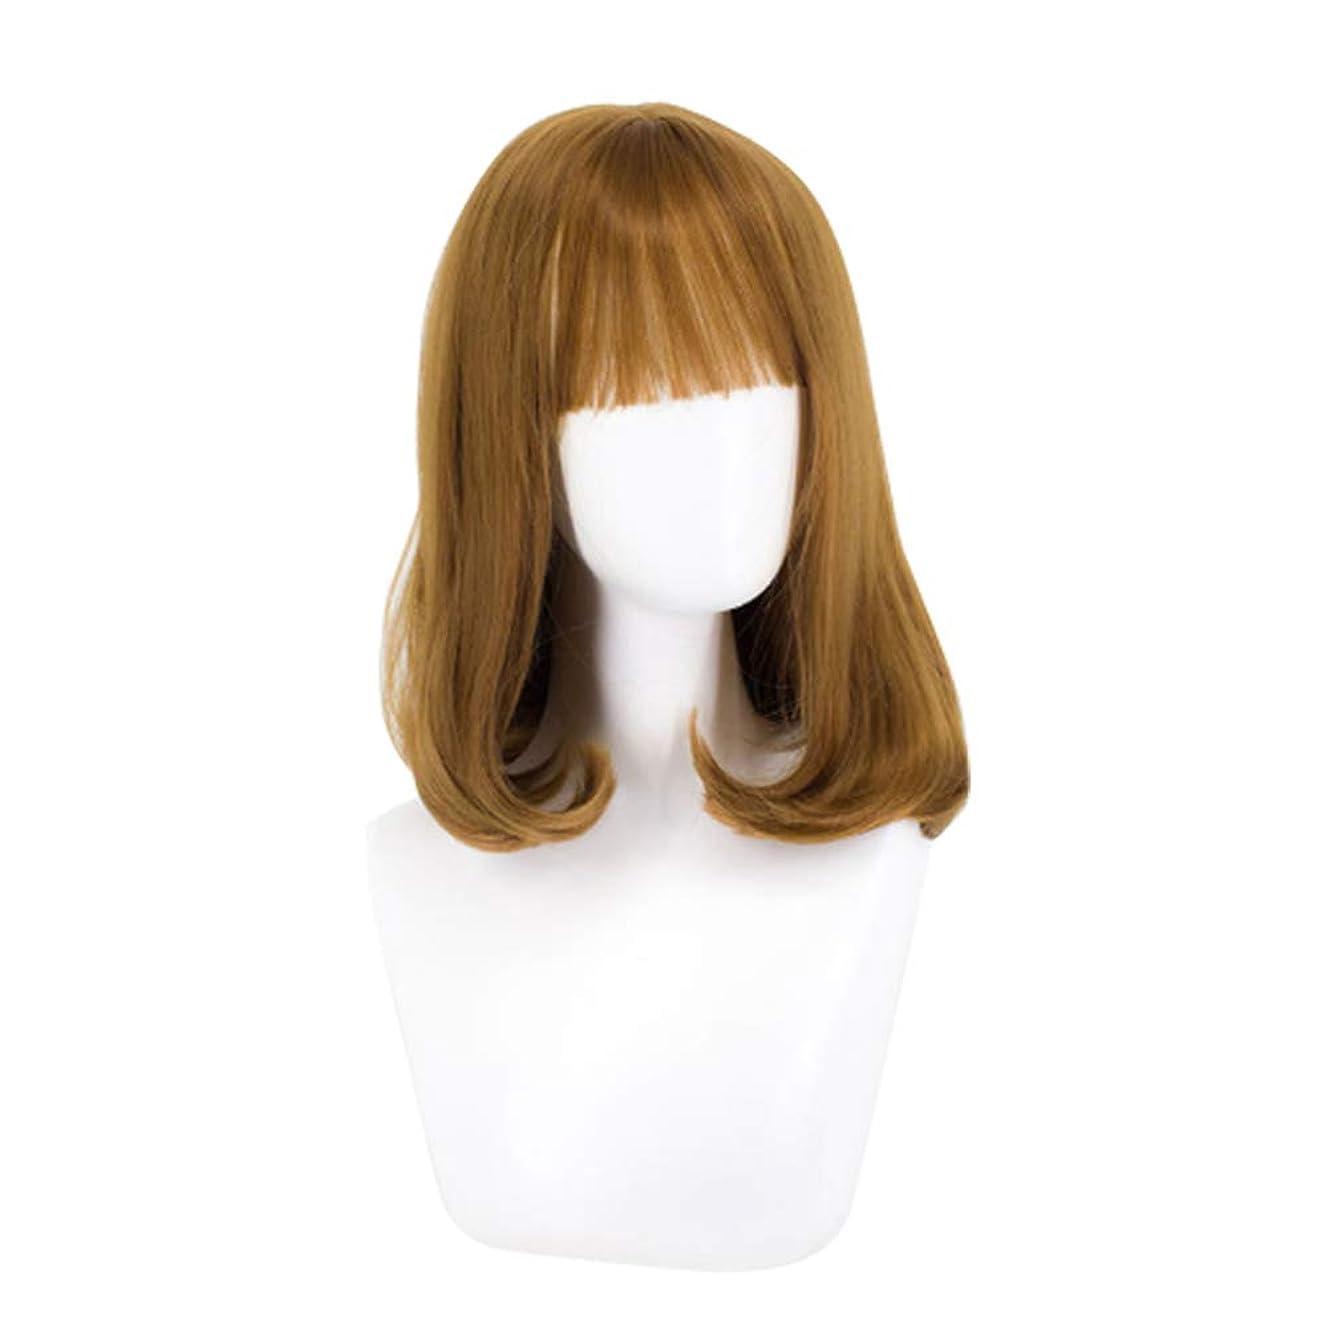 幾分摘む悪性ウィッグミディアムロングヘアー女性のためのふわふわウェーブのかかった髪かつら自然に見える耐熱性のある合成ファッションウィッグミディアムロングヘアーカーリーかつら,Yellow